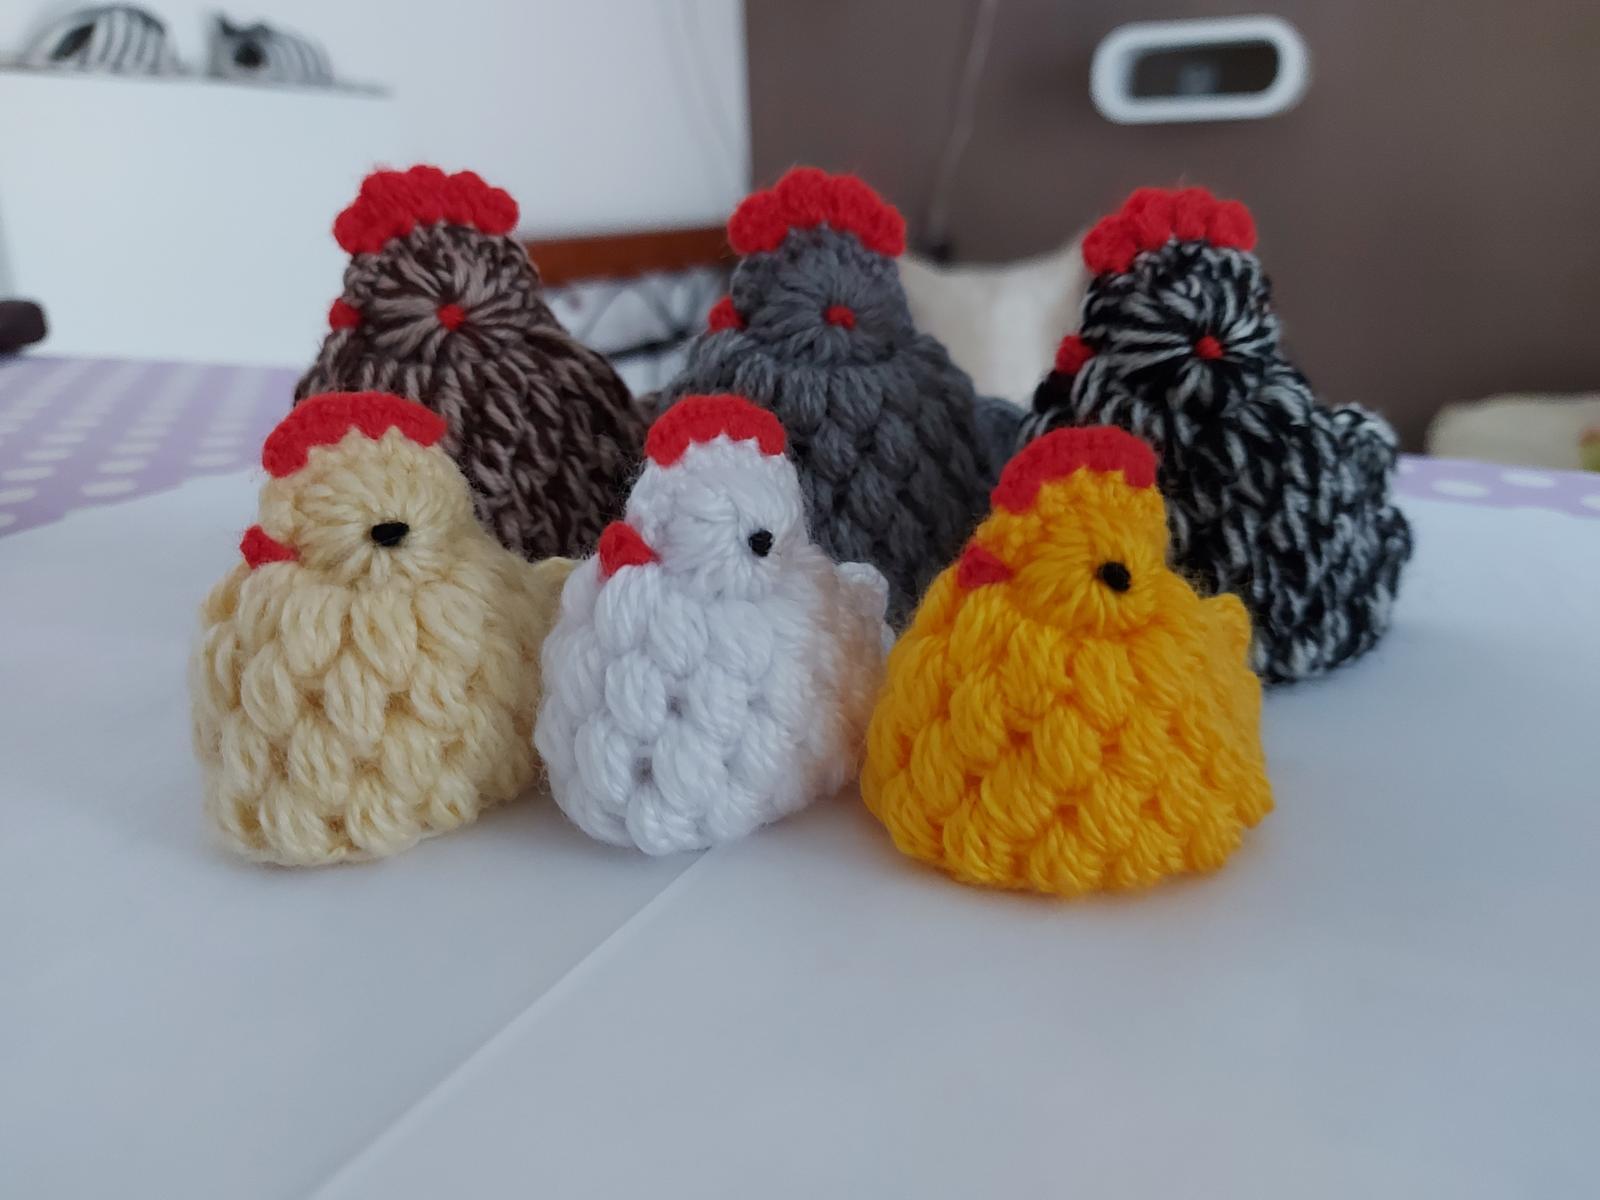 Veľká noc - vajíčko, kuriatko, zajačik, košíček - Obrázok č. 3